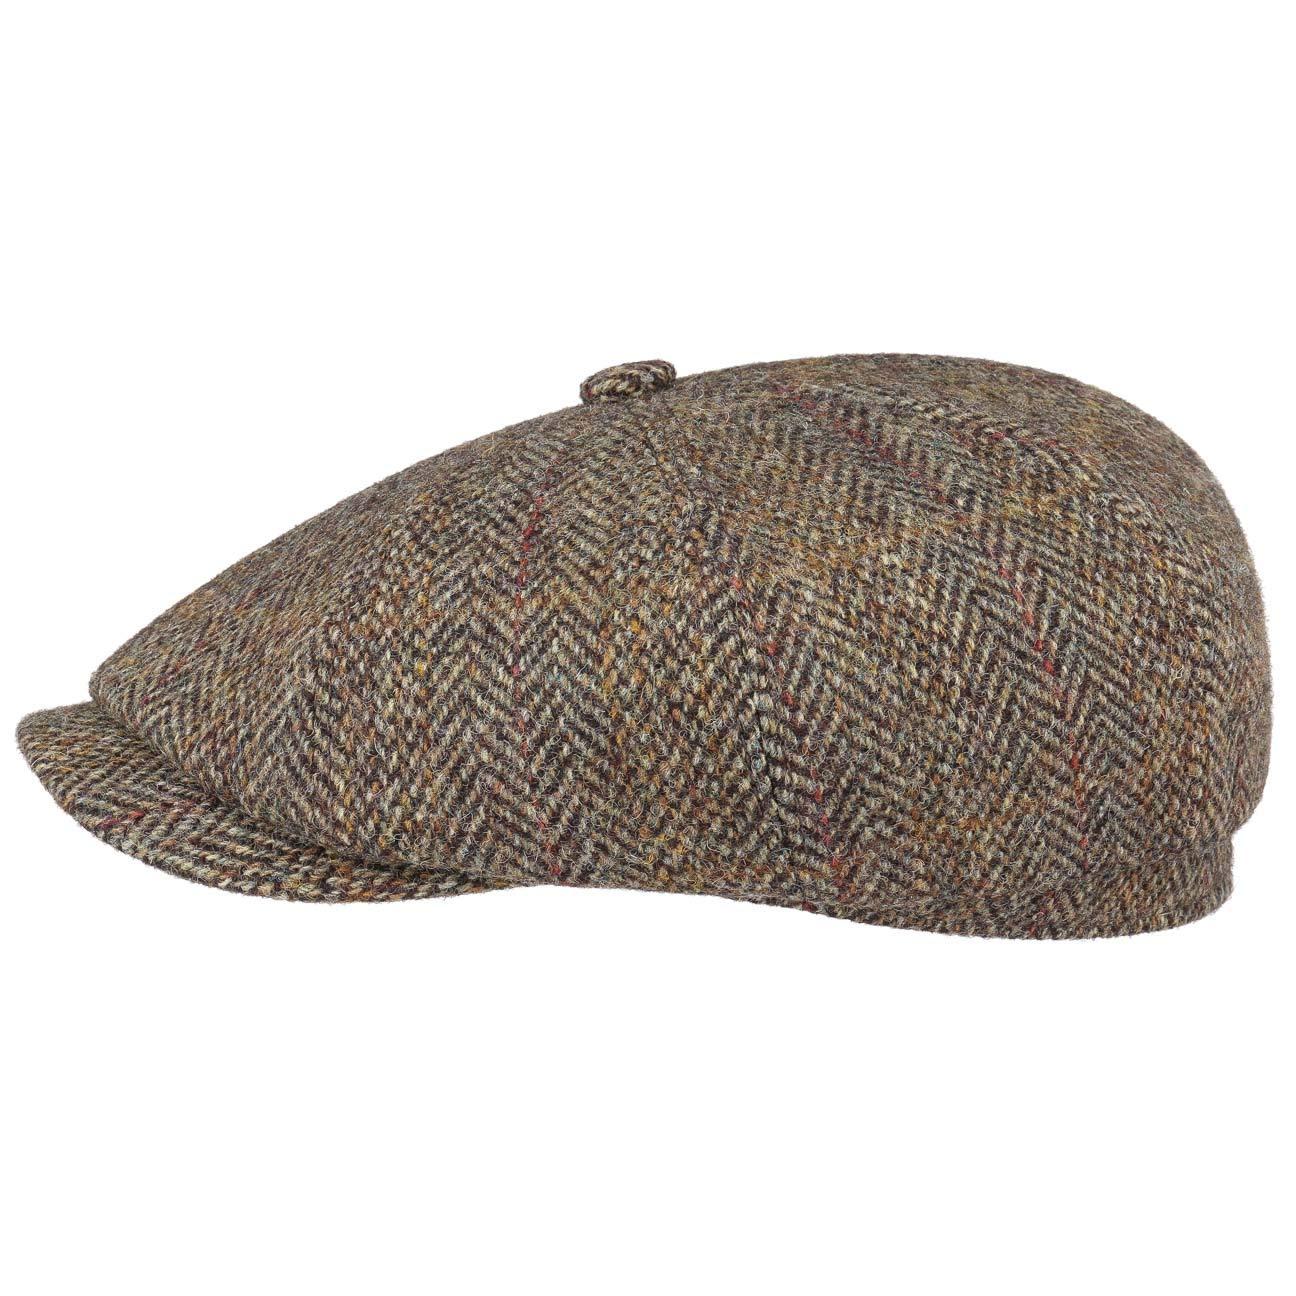 Stetson Coppola Hatteras Harris Tweed Wool Berretto Newsboy Piatto Cappello Invernale